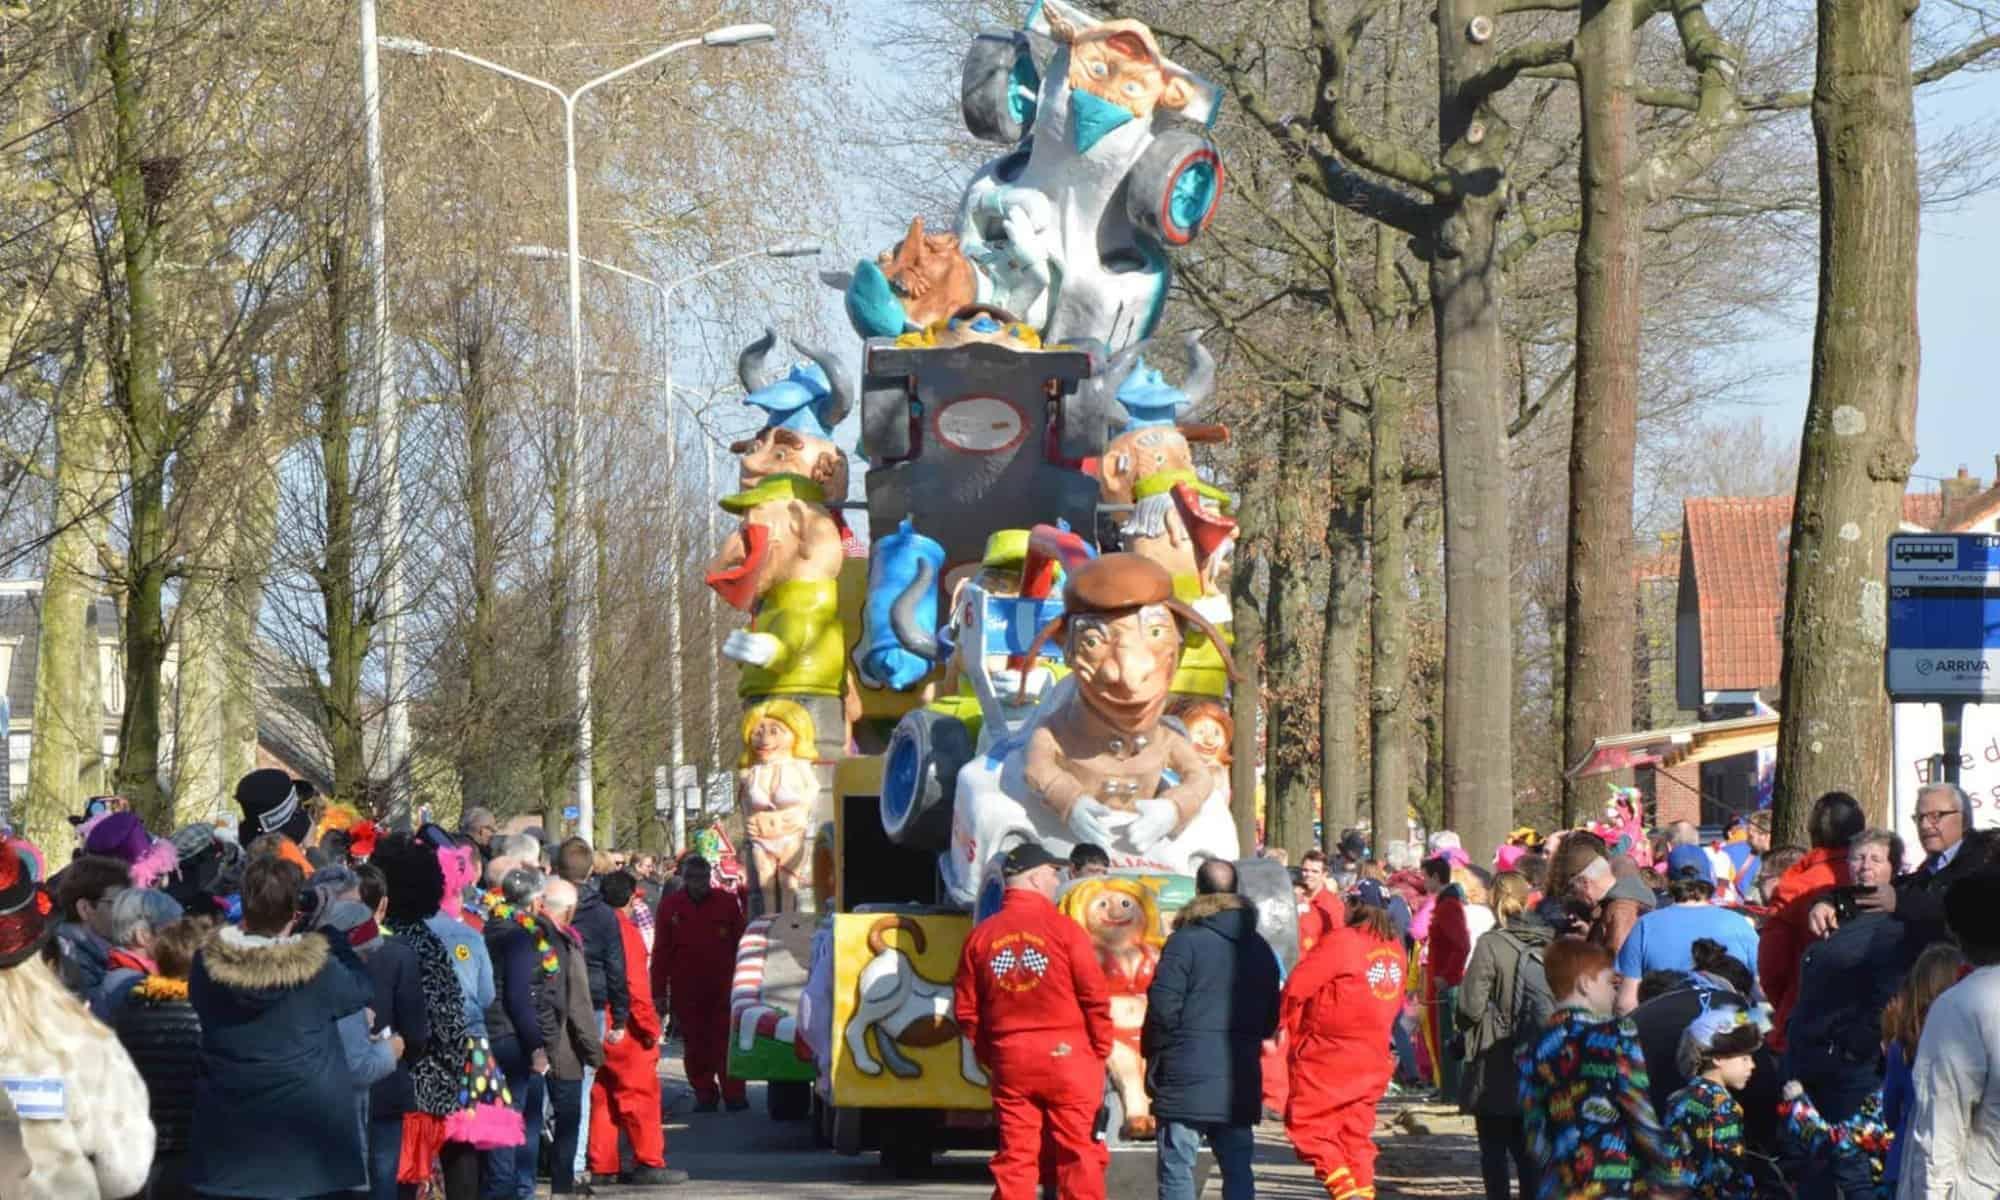 Carnavalsactiviteiten